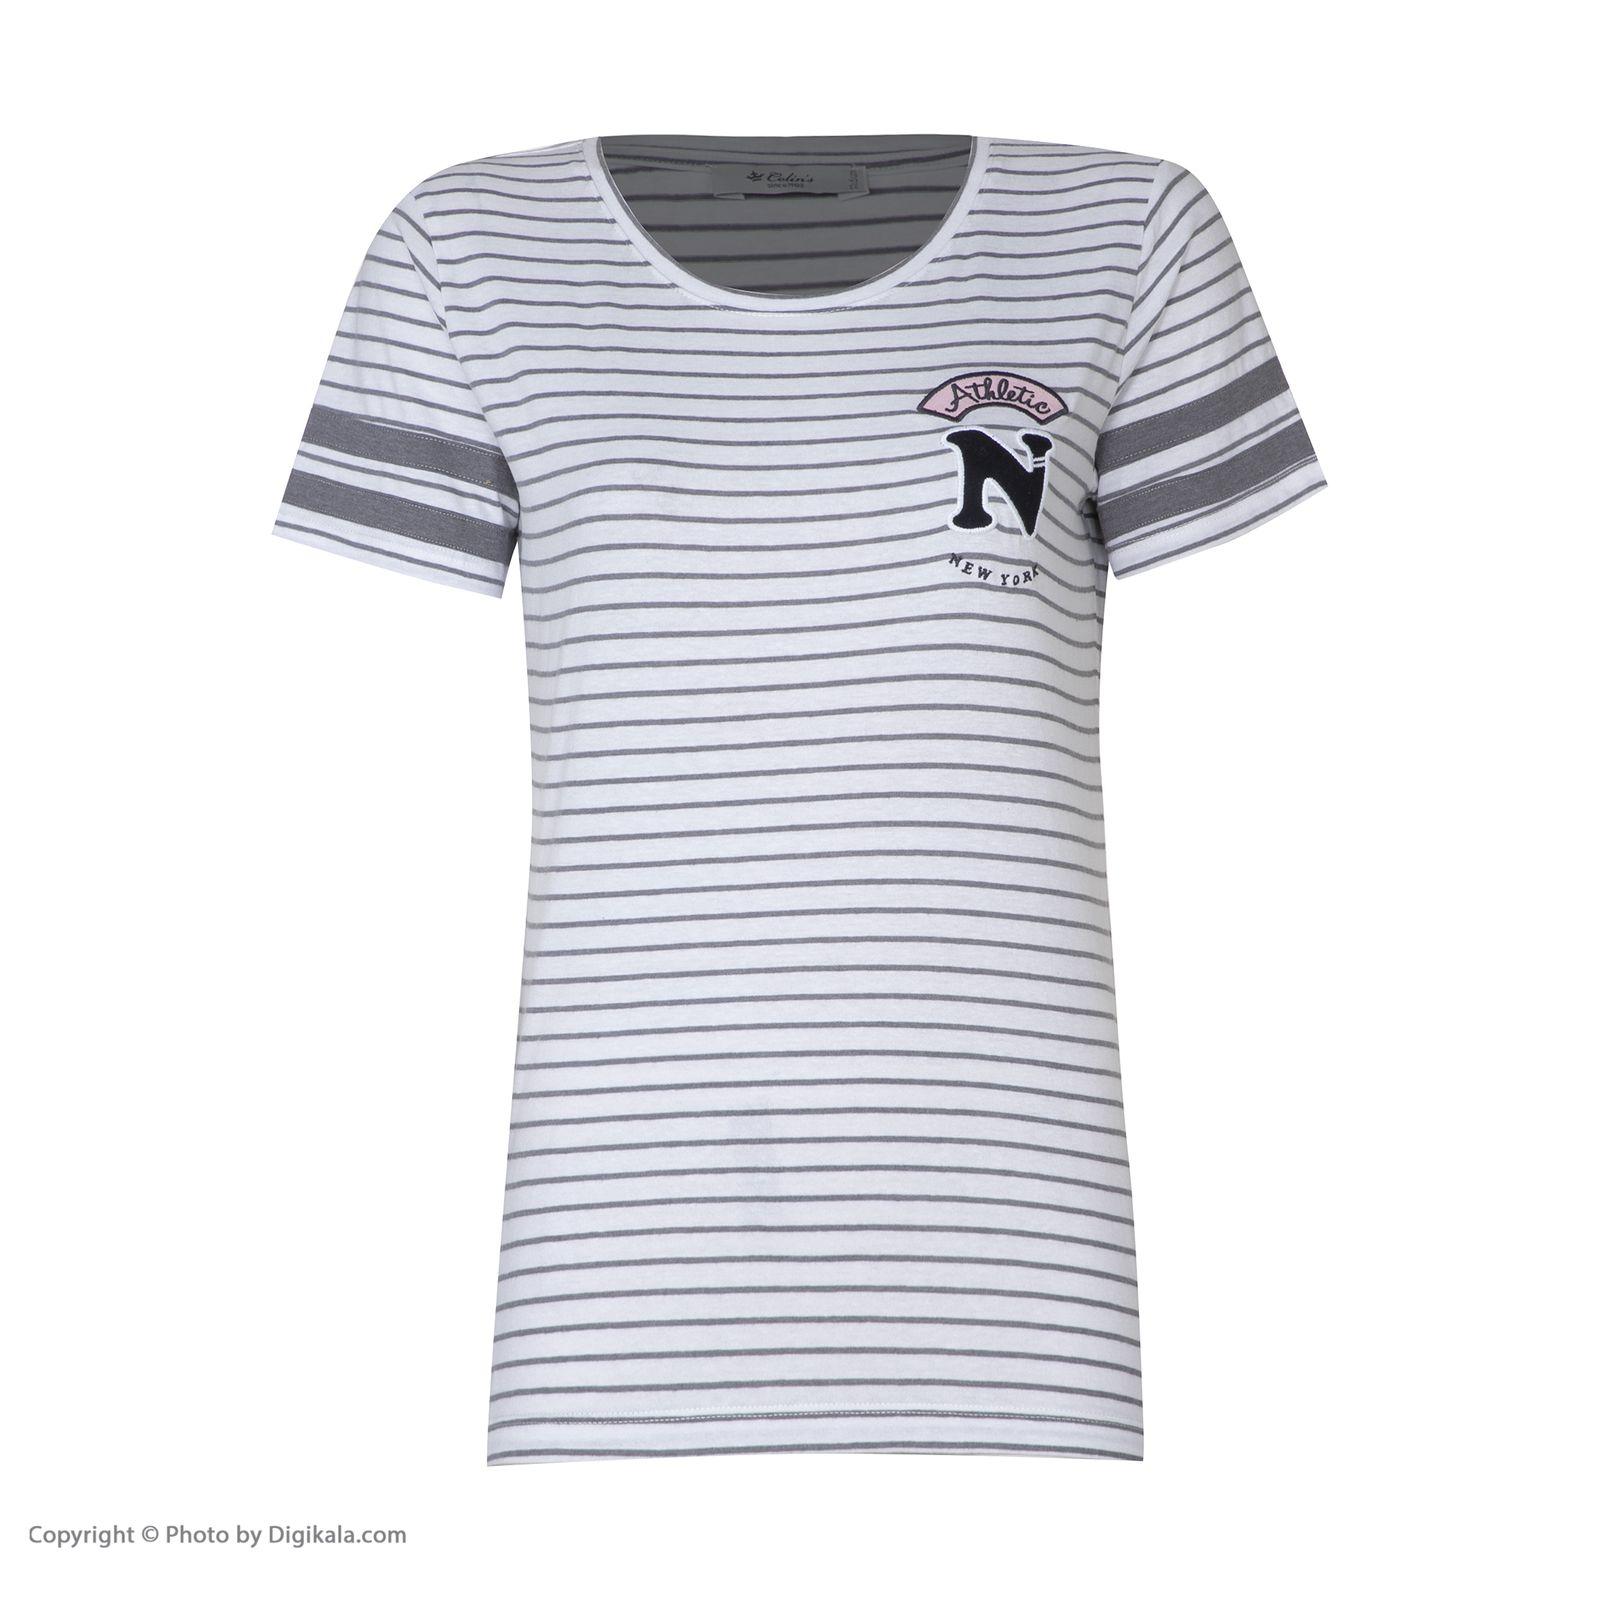 تی شرت زنانه کالینز مدل CL1032849-GREYMELANGE main 1 1